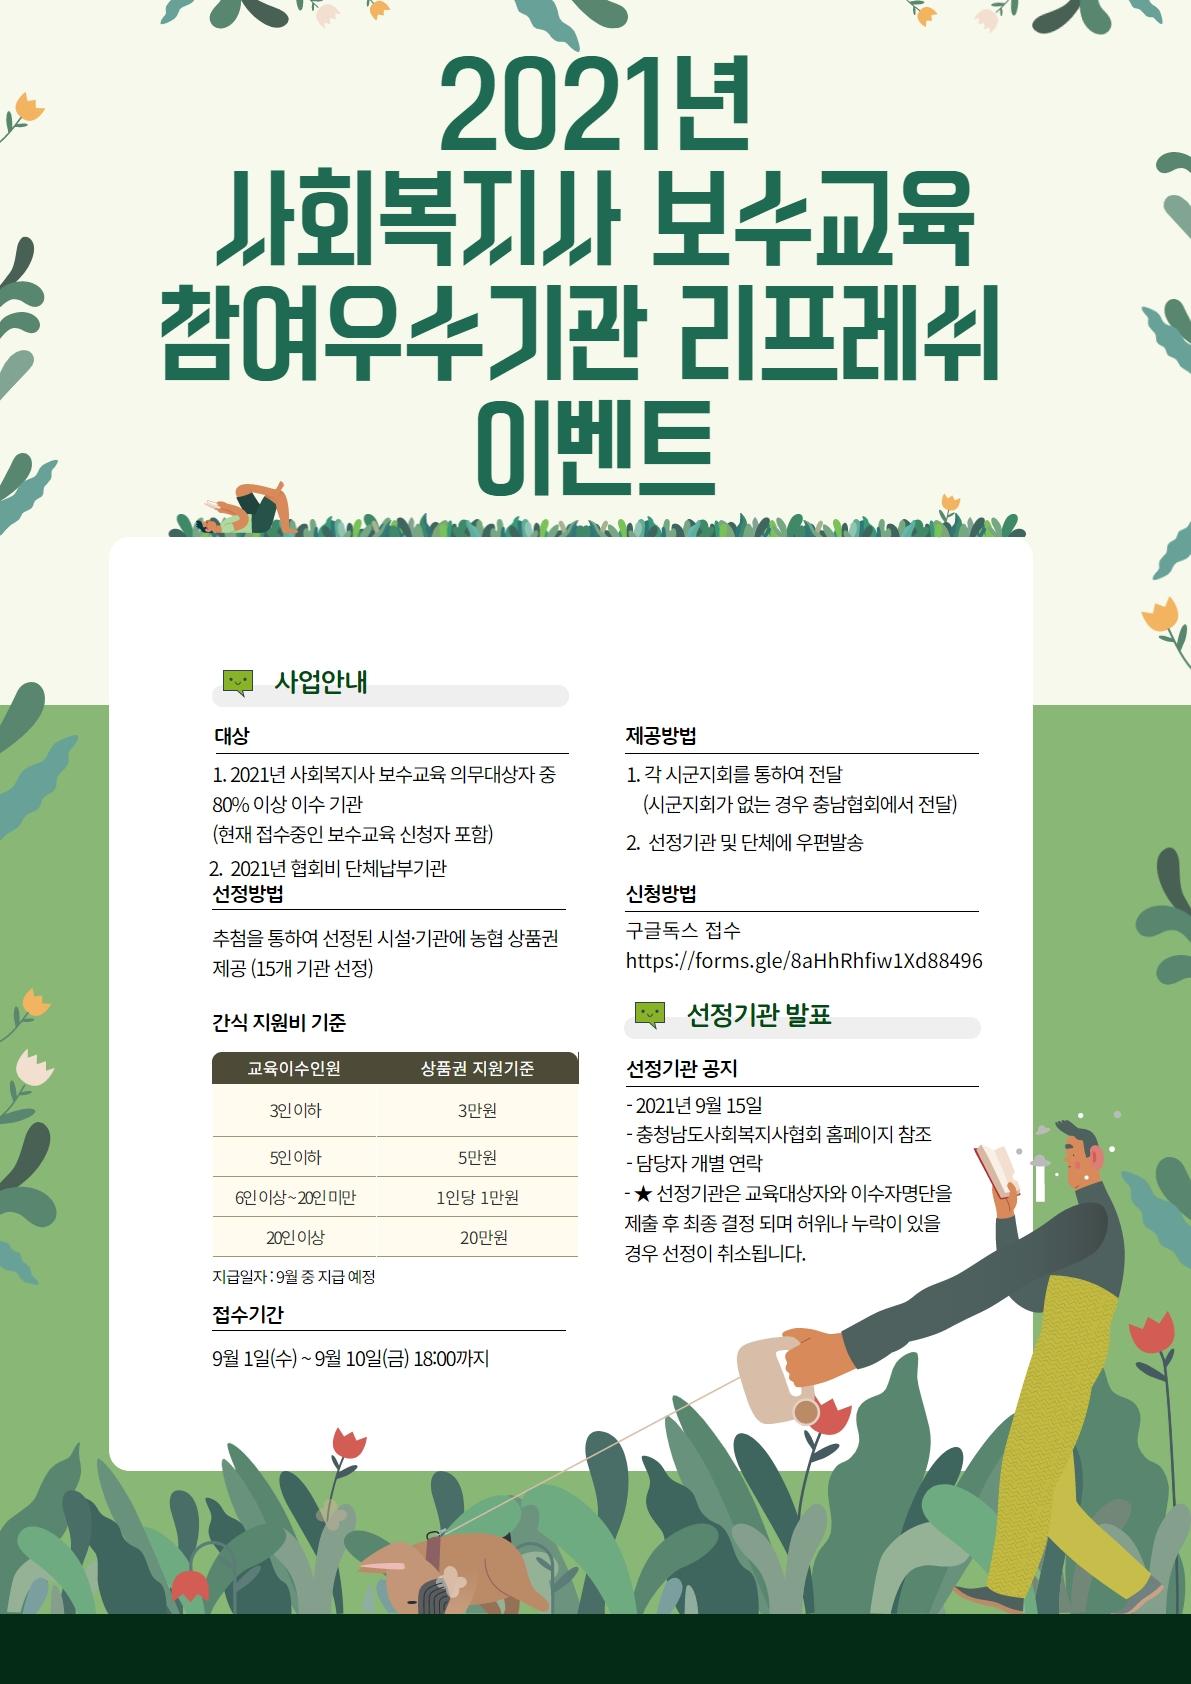 2021년 사회복지사 보수교육 참여우수기관 리프레쉬 이벤트.jpg